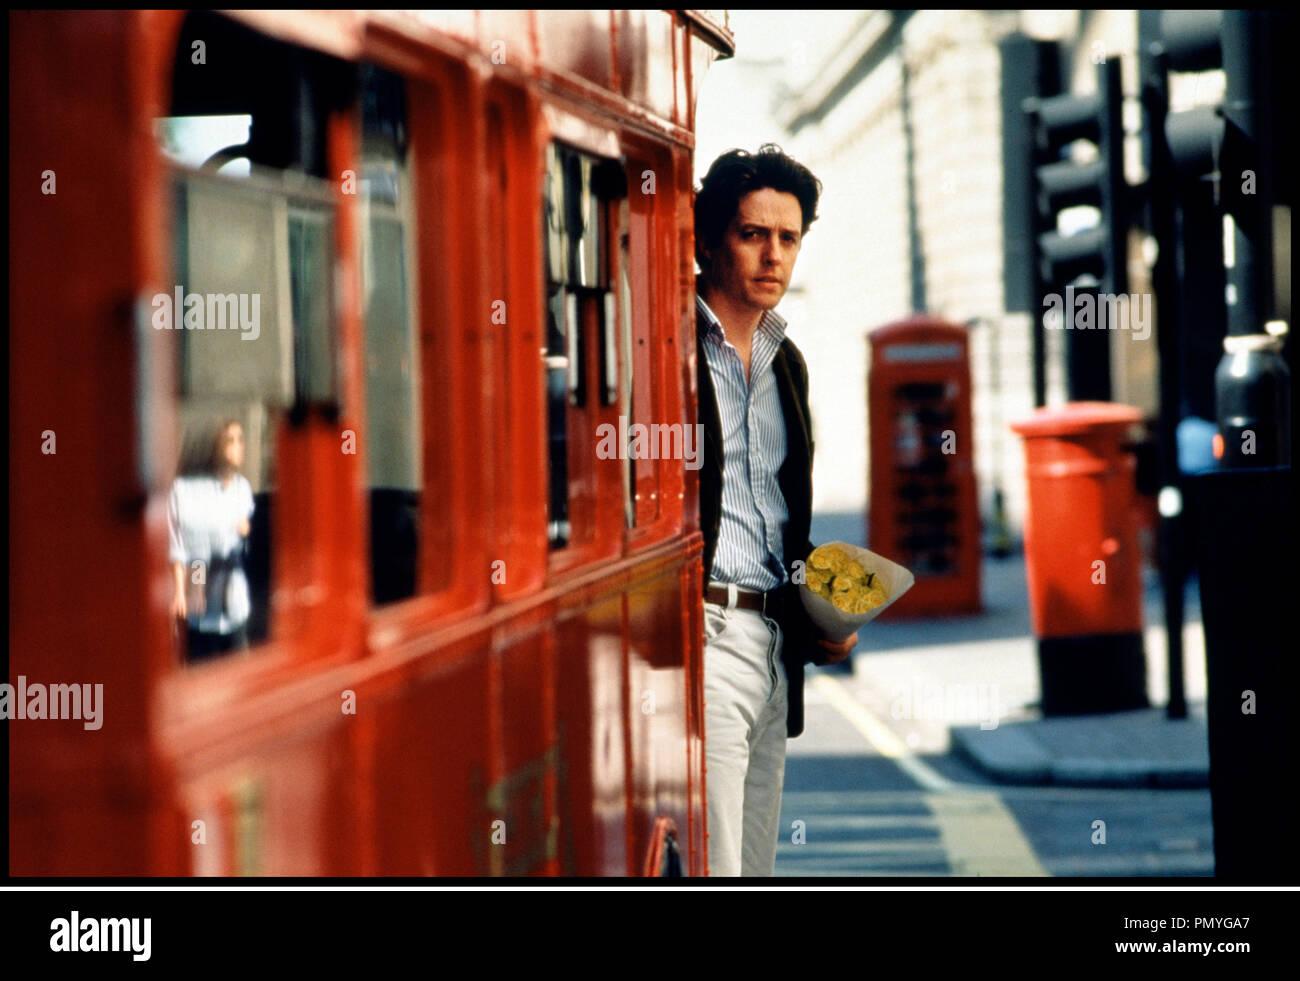 Prod DB © PolyGram - Working Title / DR COUP DE FOUDRE A NOTTING HILL (NOTTING HILL) de Roger Michell 1999 GB avec Hugh Grant fleur, bouquet, rendez-vous, attente - Stock Image